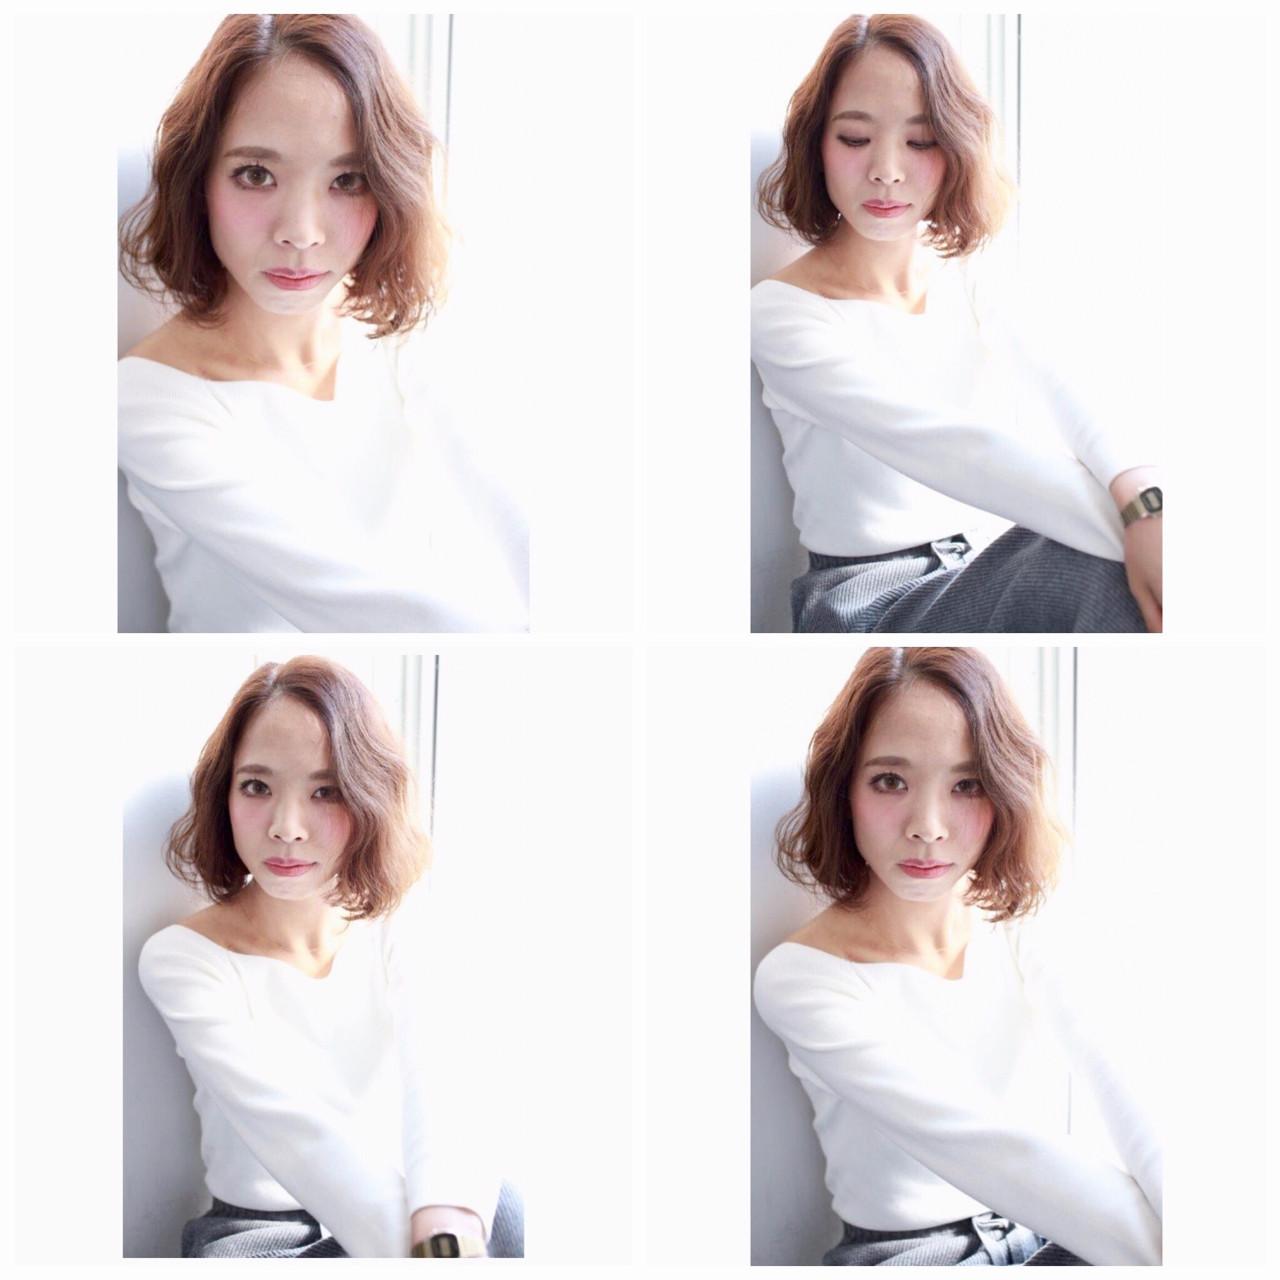 色気 ミルクティー ナチュラル ボブ ヘアスタイルや髪型の写真・画像 | Yumi Hiramatsu / Sourire Imaizumi【スーリール イマイズミ】